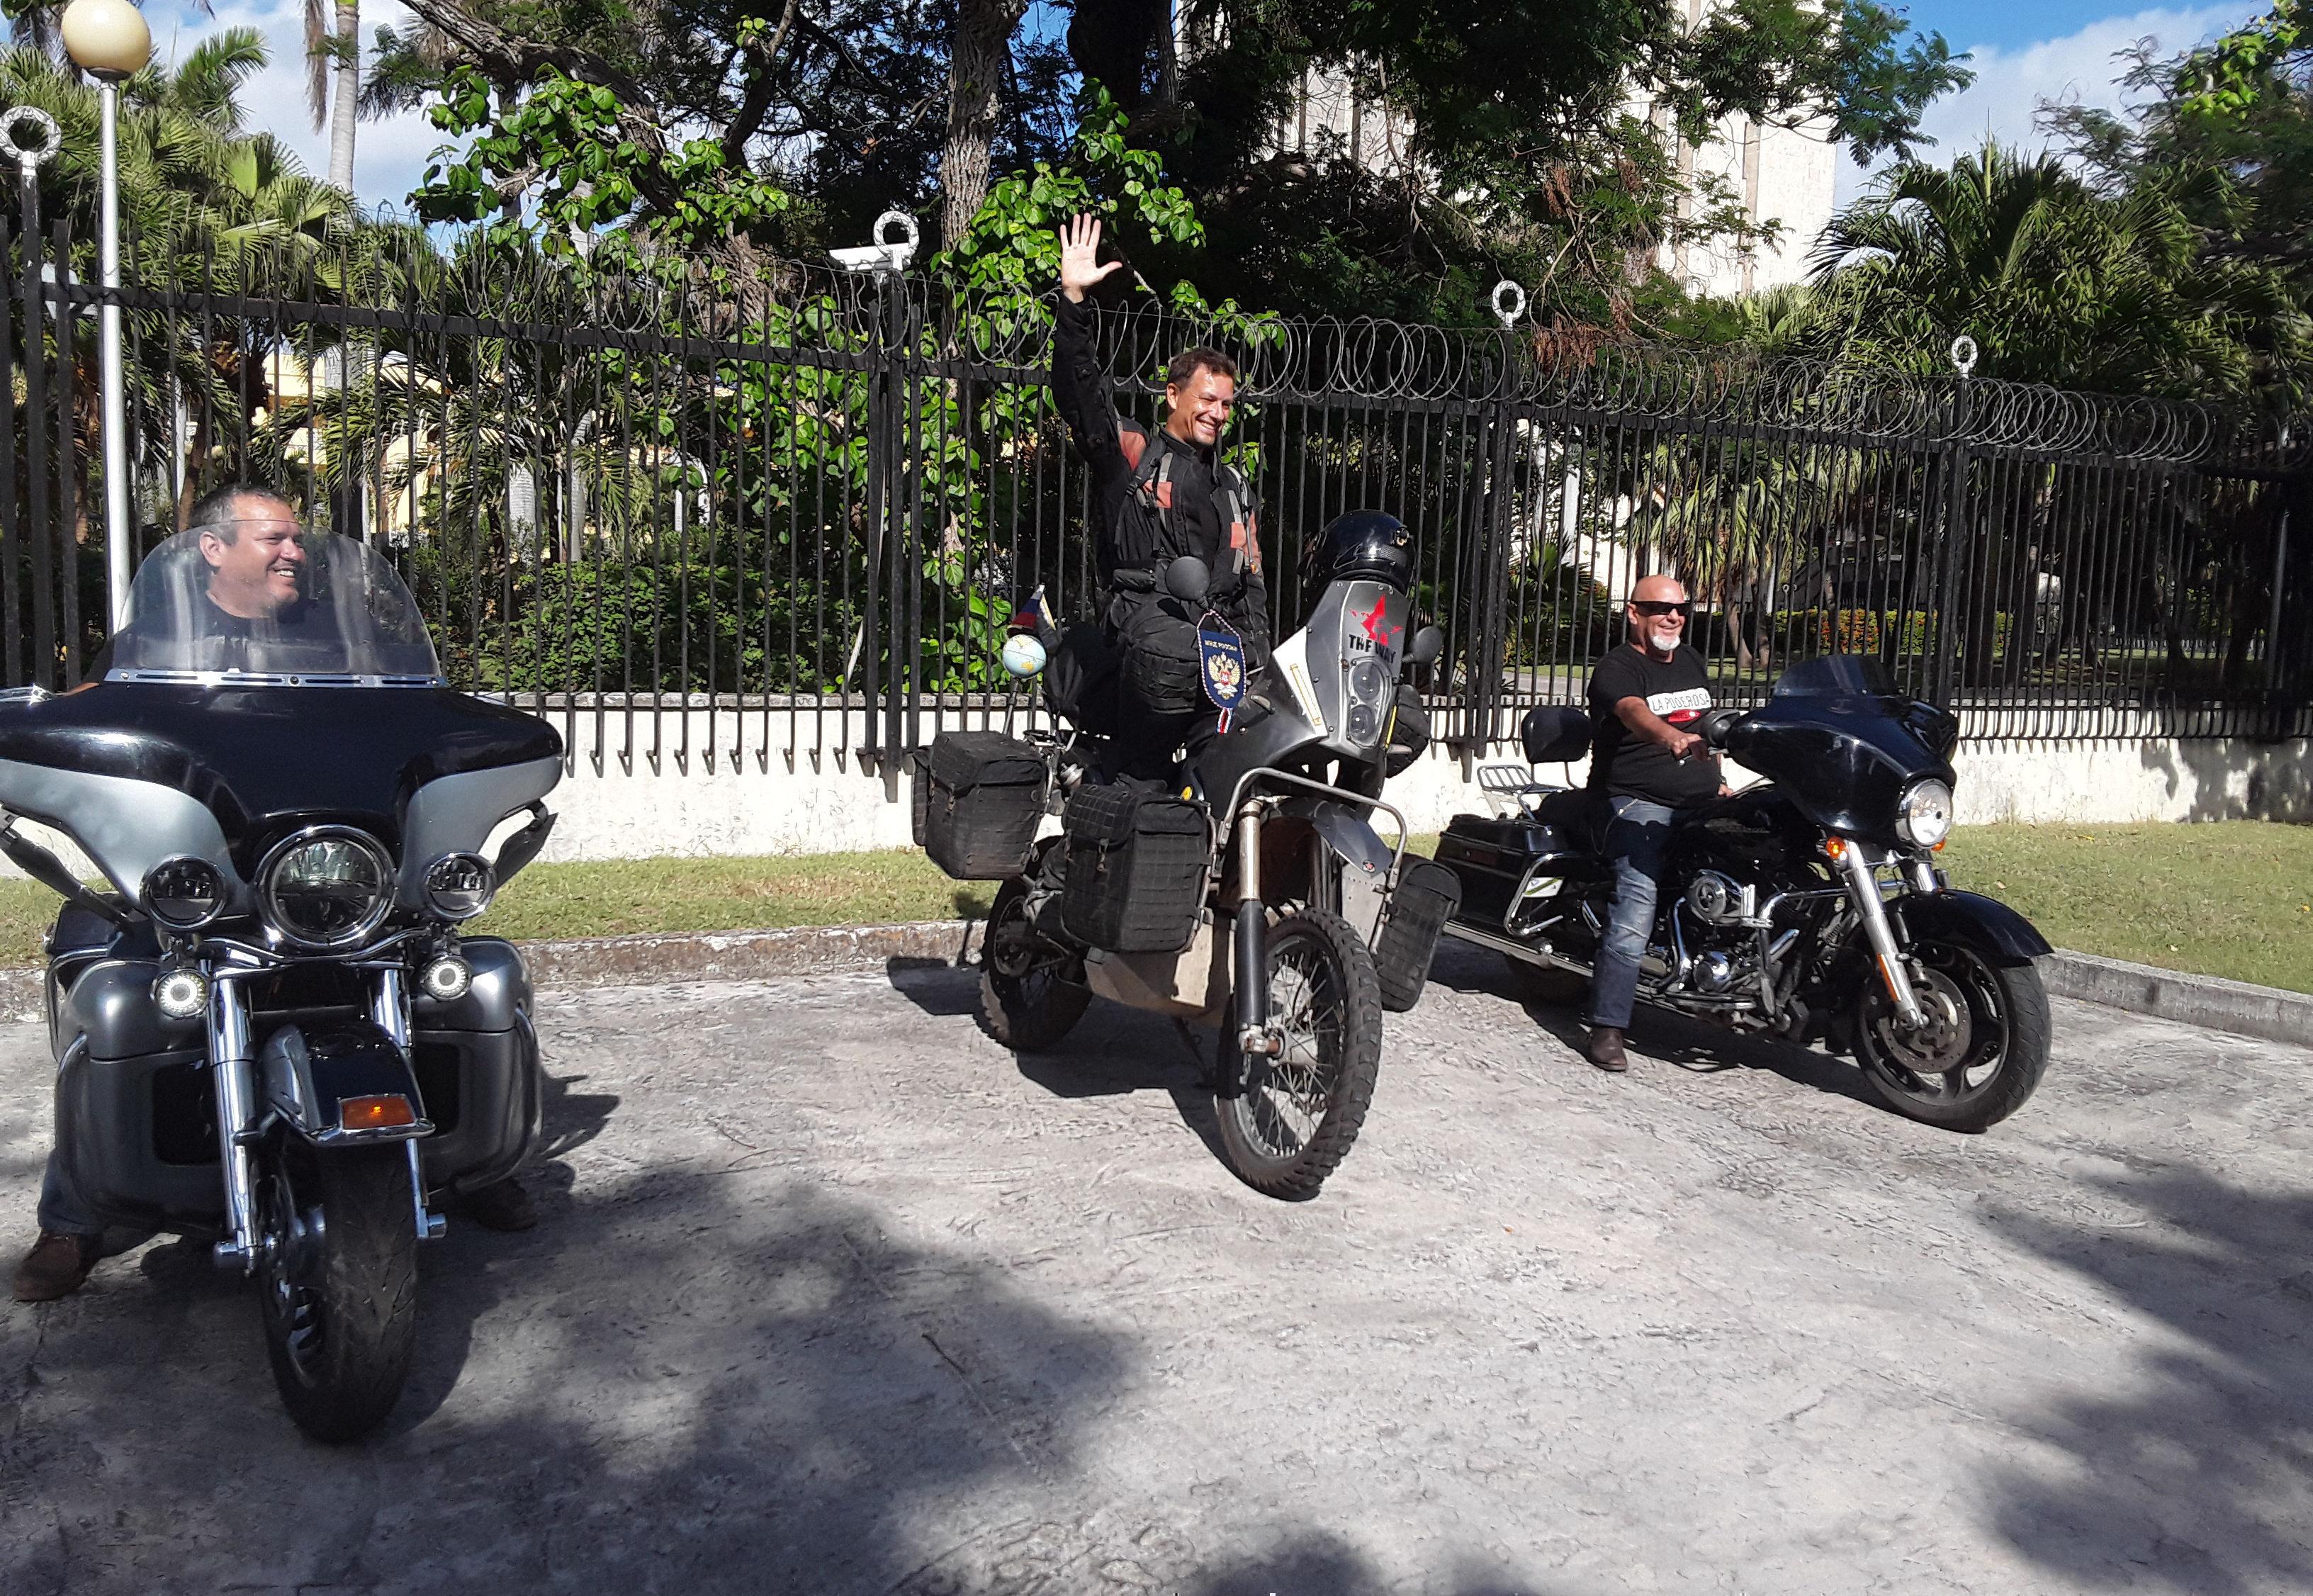 Oleg Jaritónov, al centro, saluda a quienes presencian su inicio de recorrido por la capital cubana. Foto: Beatriz Albert/ Cubadebate